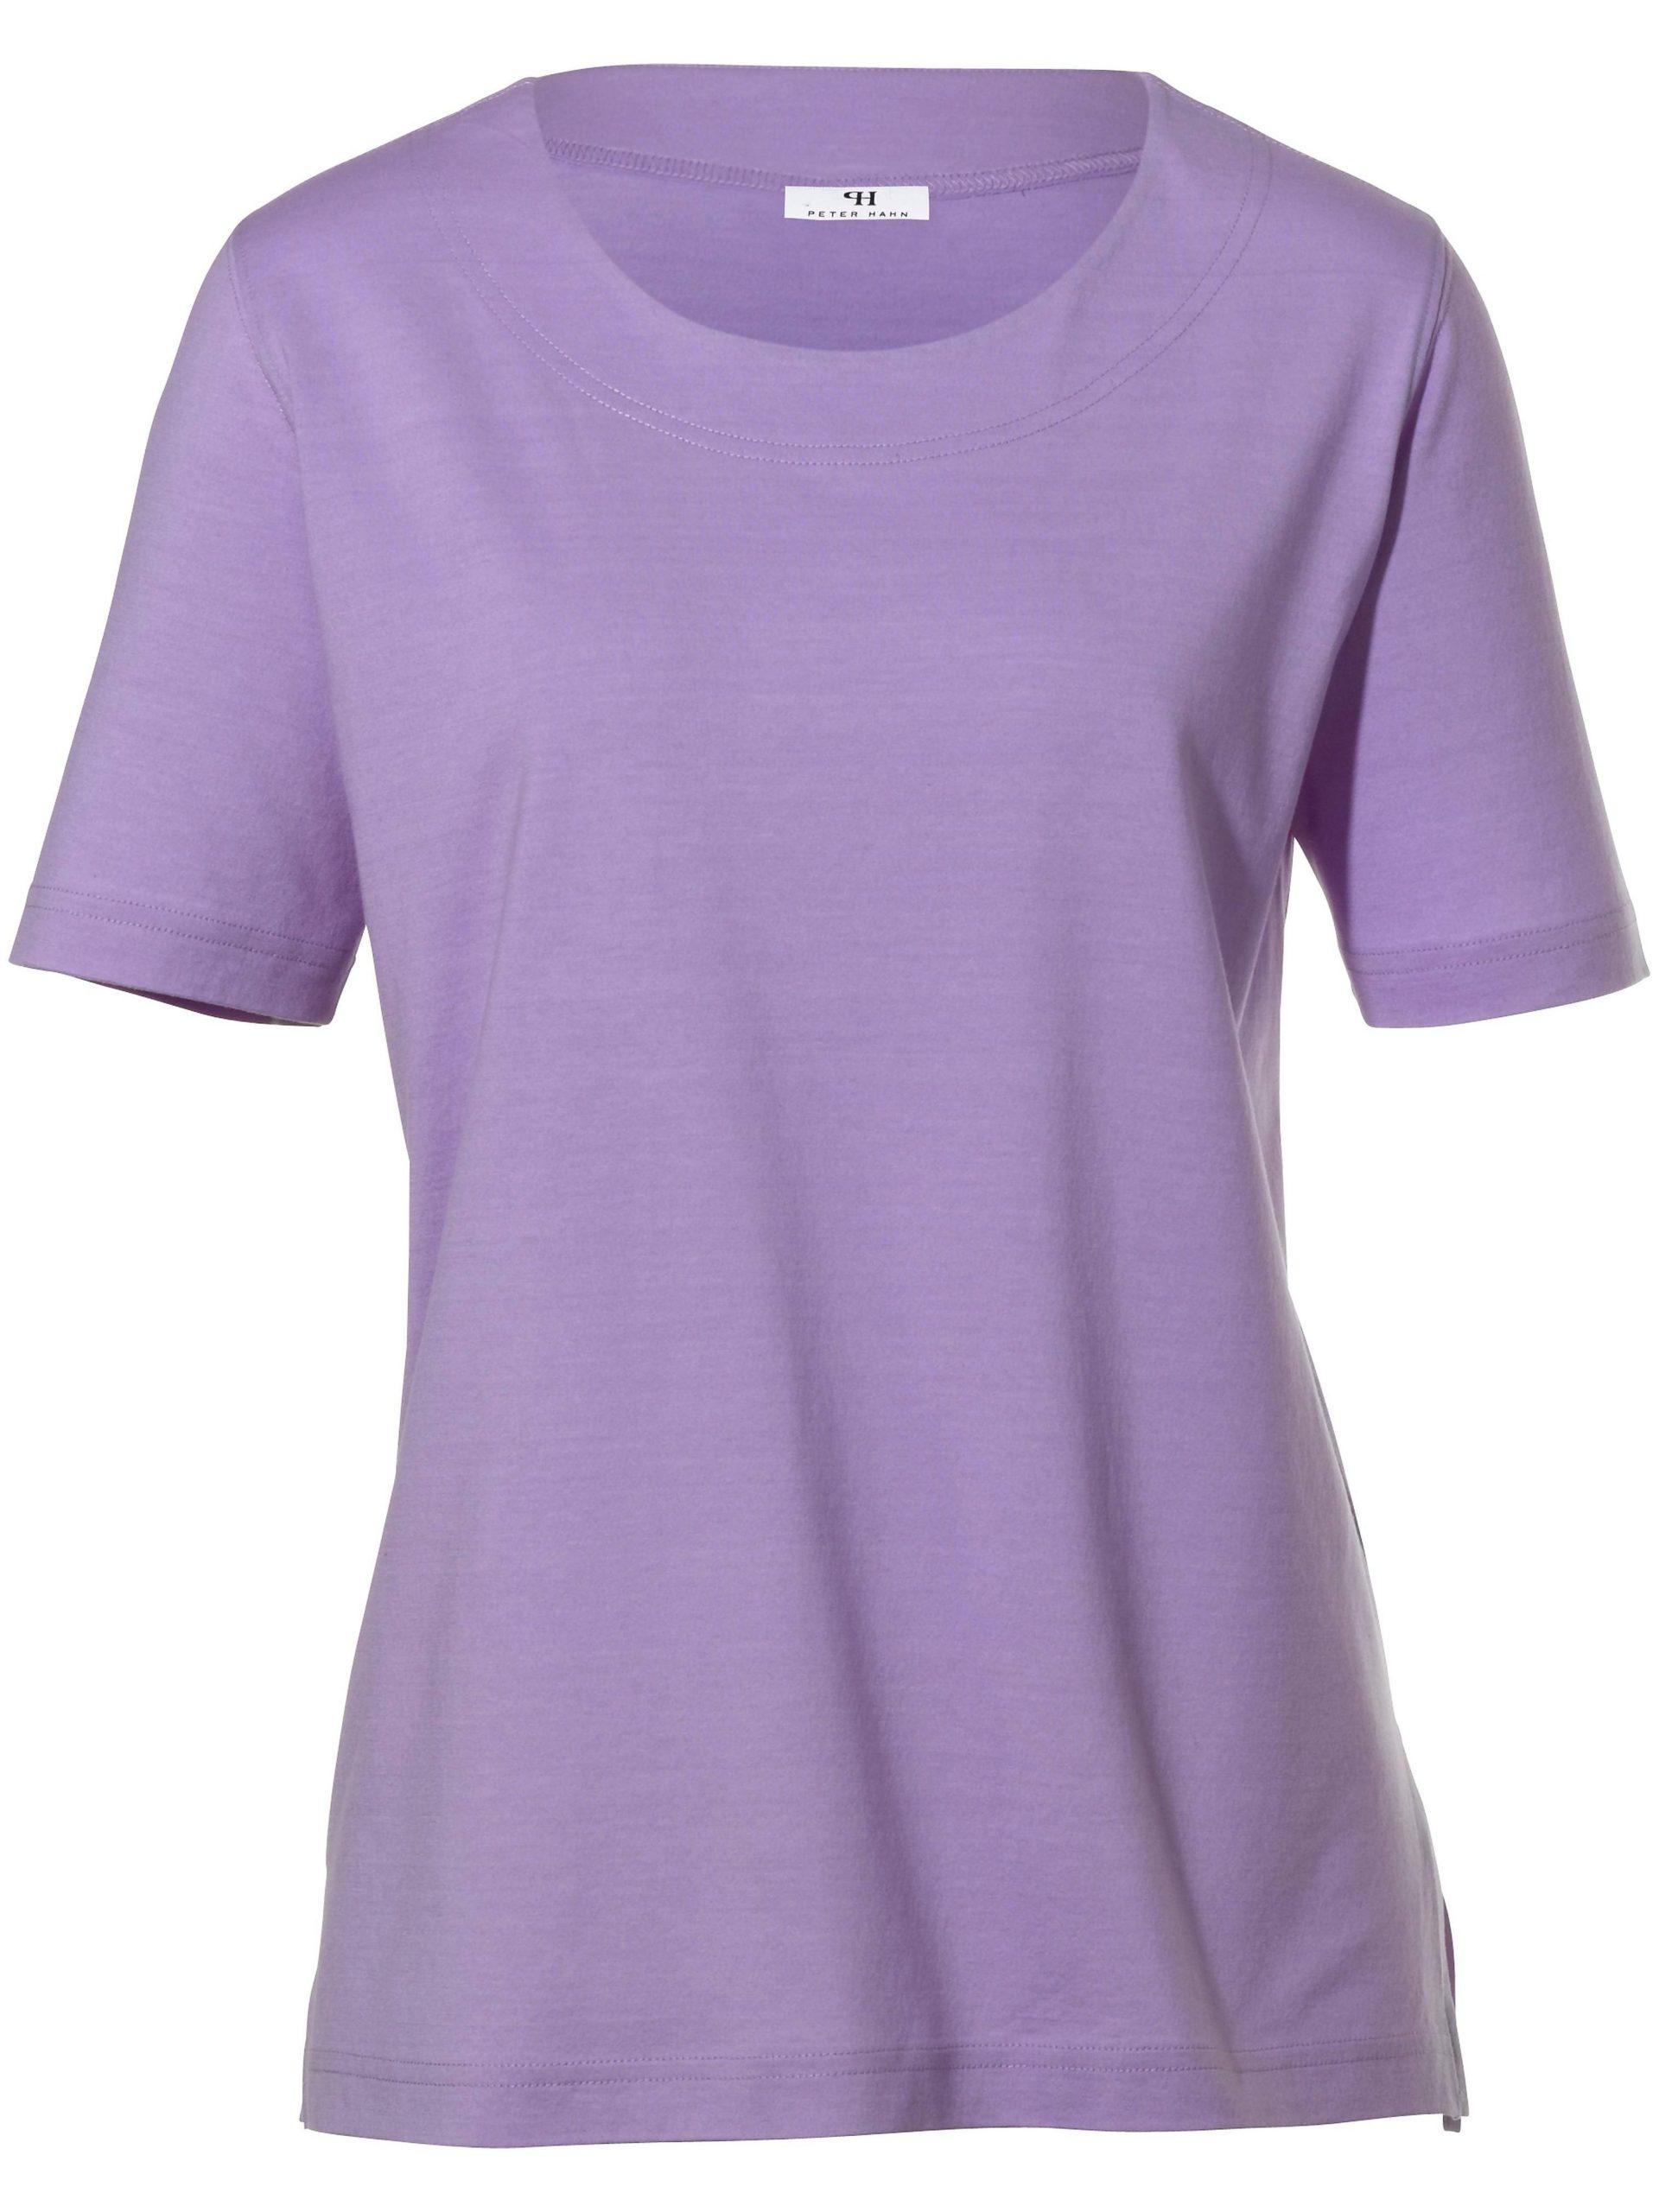 Shirt met ronde hals Van Peter Hahn paars Kopen